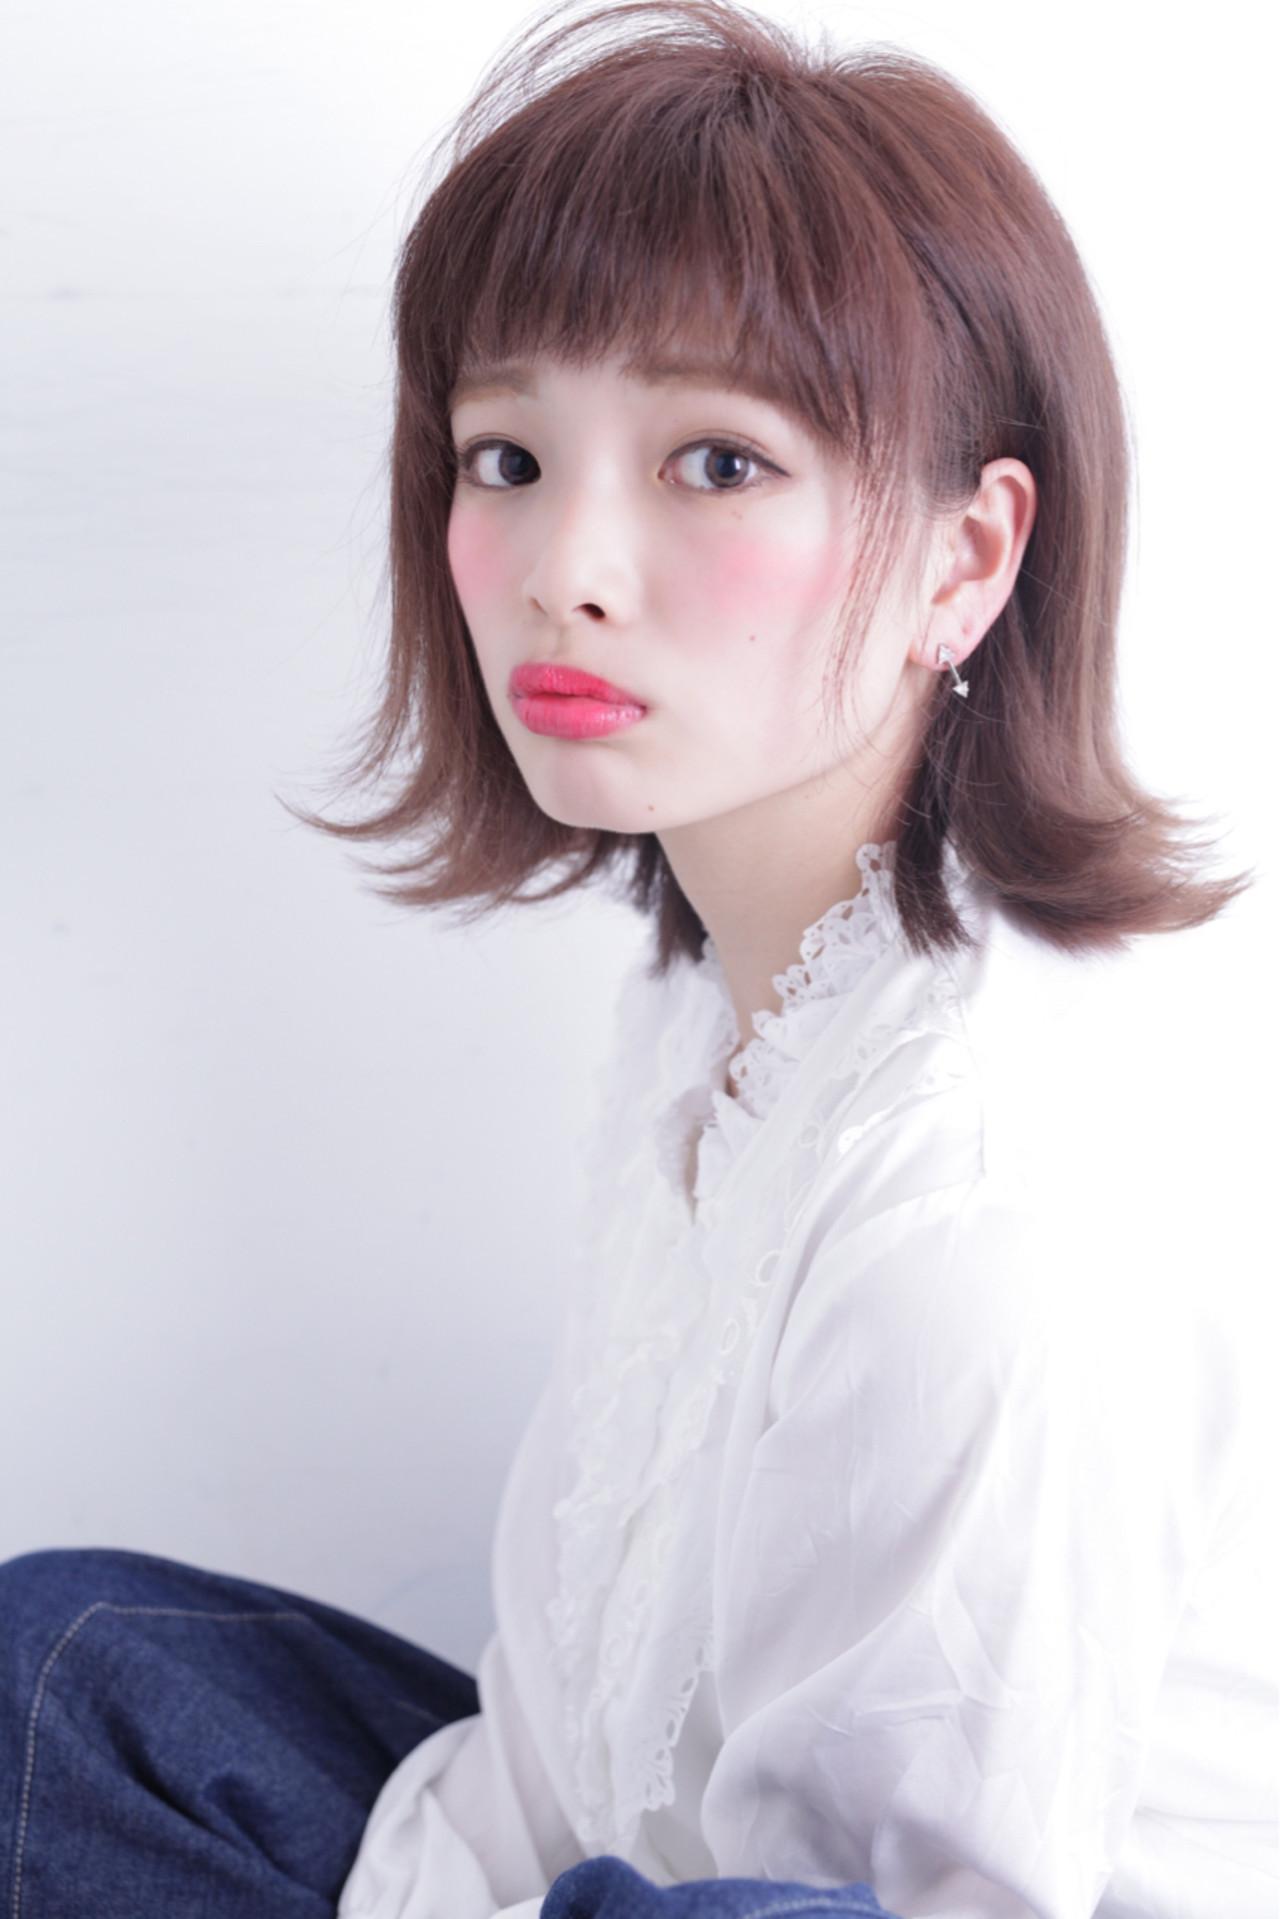 眉上ギリギリのオン眉はお嬢様っぽ♡ 石田 学史